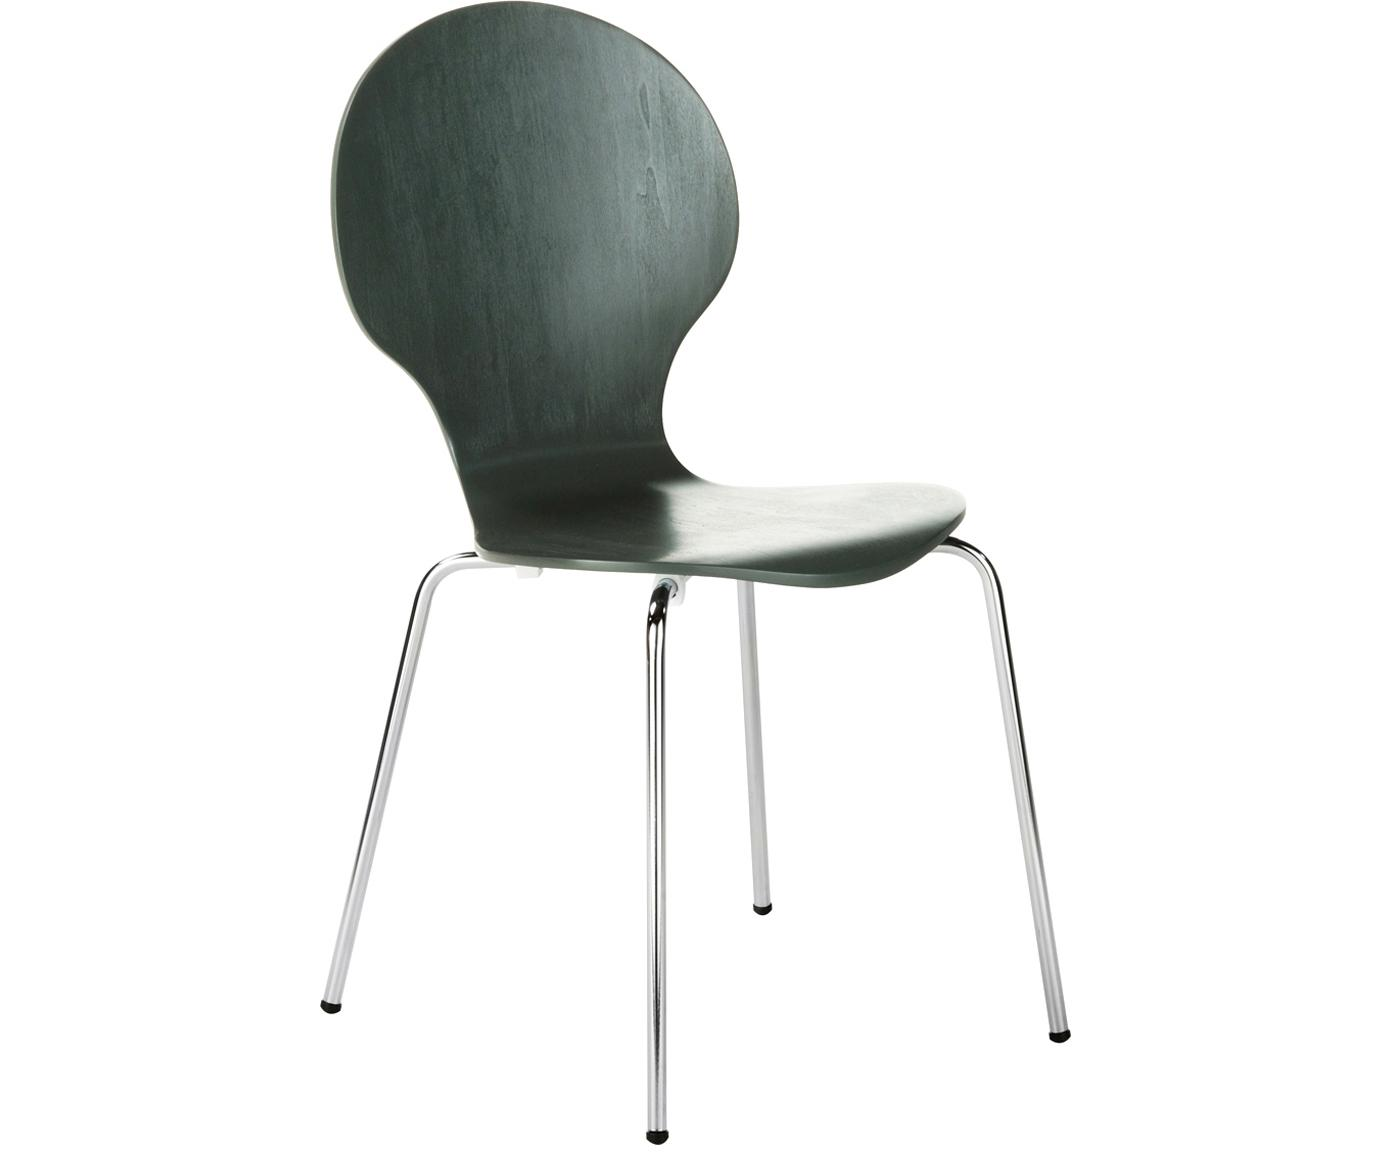 Esszimmerstühle Marcus, 4 Stück, Sitzfläche: Mitteldichte Holzfaserpla, Gestell: Stahl, verchromt, Grau, B 49 x T 53 cm